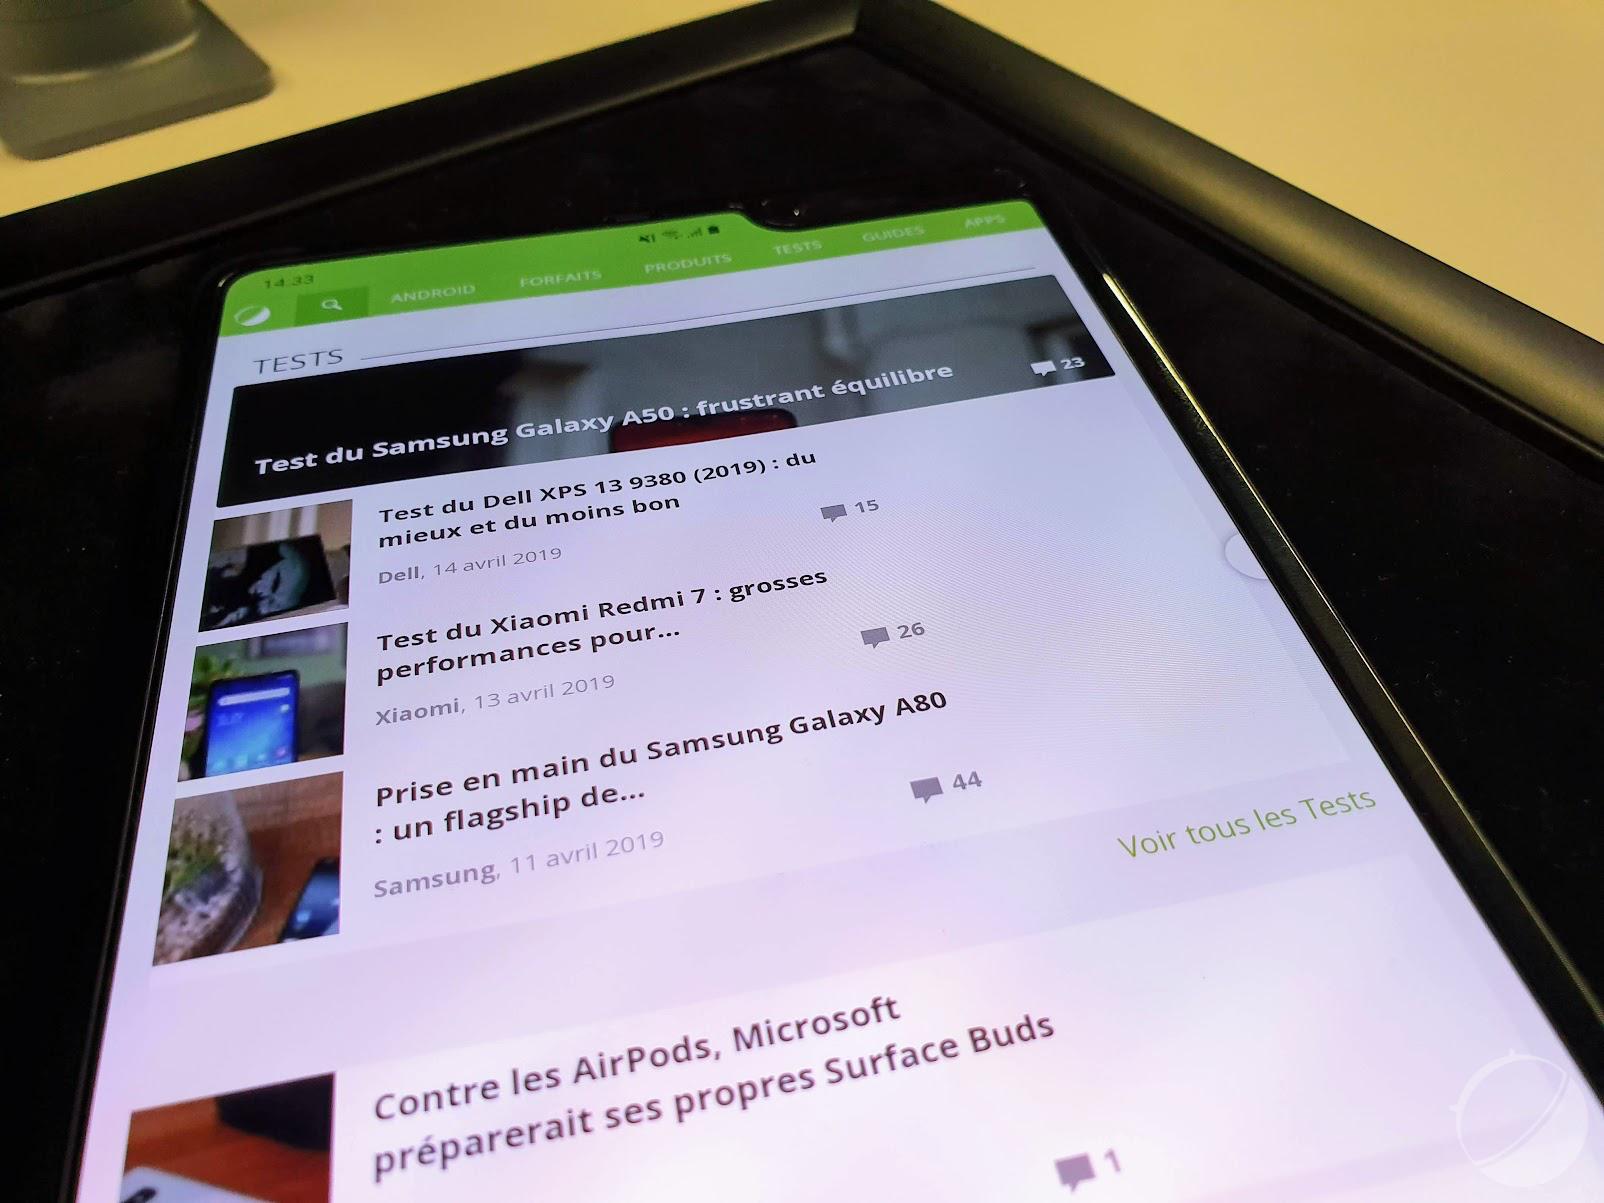 Les actualités qui ont marqué la semaine : le Samsung Galaxy Fold retardé et démonté et la Switch Mini absente de l'E3